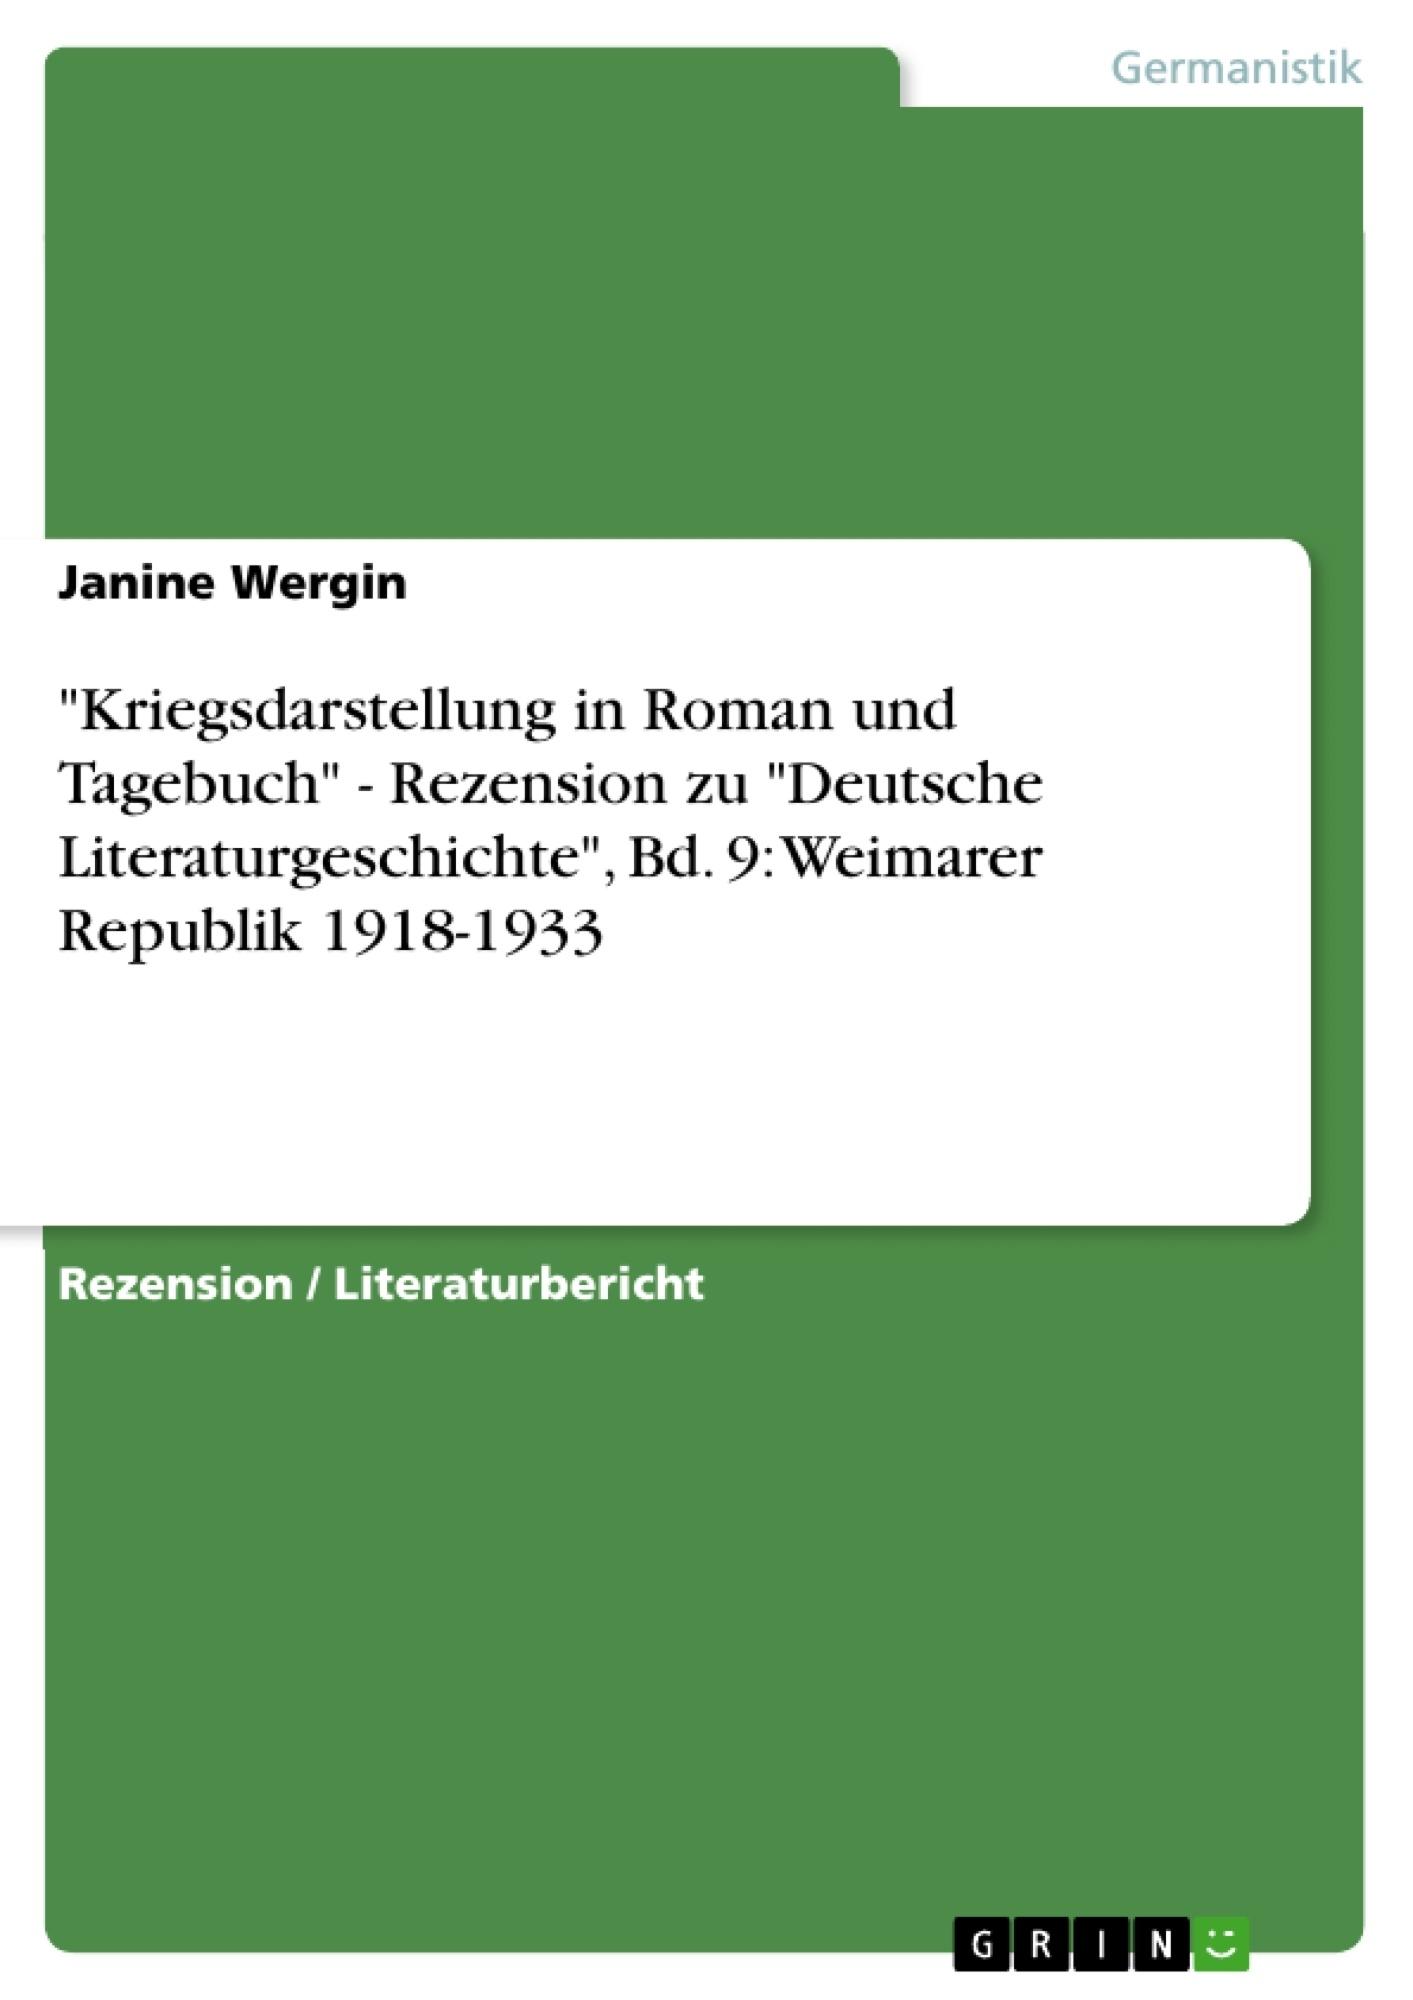 """Titel: """"Kriegsdarstellung in Roman und Tagebuch"""" - Rezension zu """"Deutsche Literaturgeschichte"""", Bd. 9: Weimarer Republik 1918-1933"""